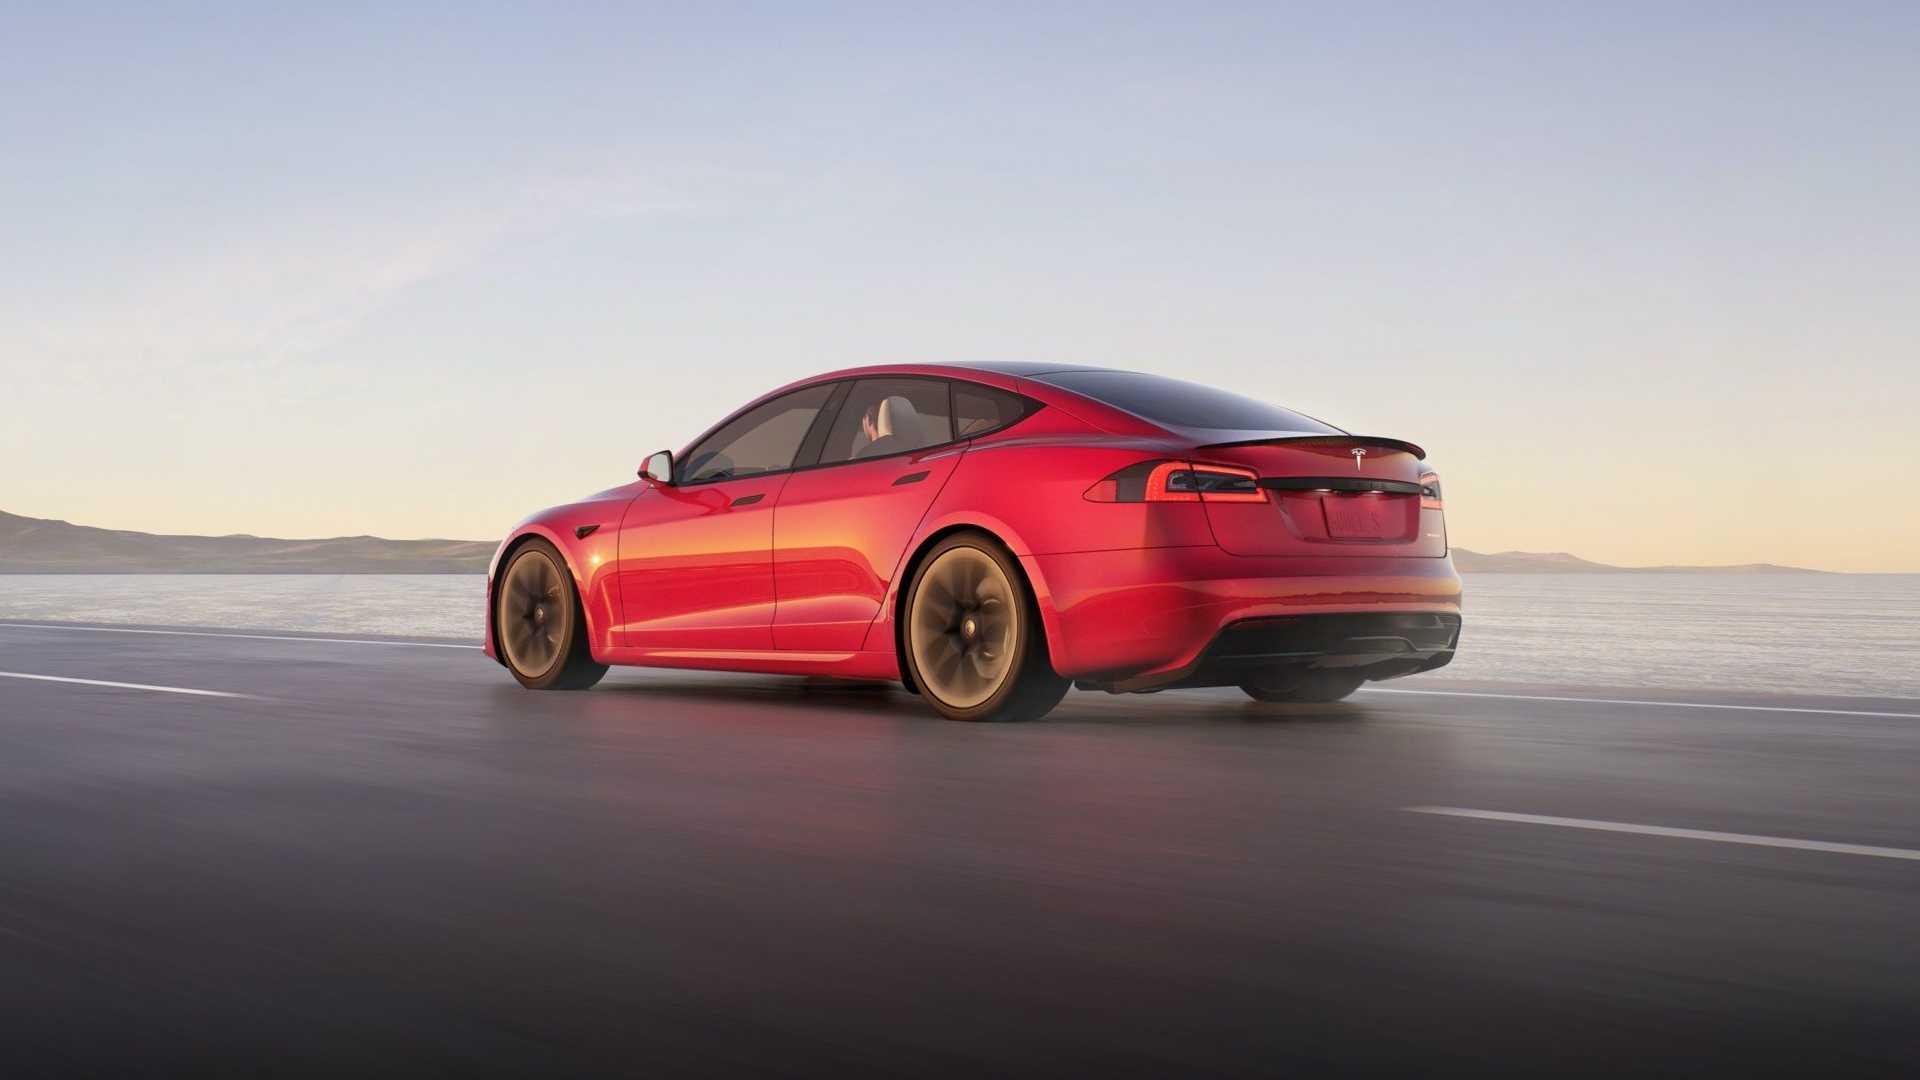 Сериозен проблем за американскиот производител на автомобили: Зошто стаорците ги напаѓаат автомобилите на Tesla?